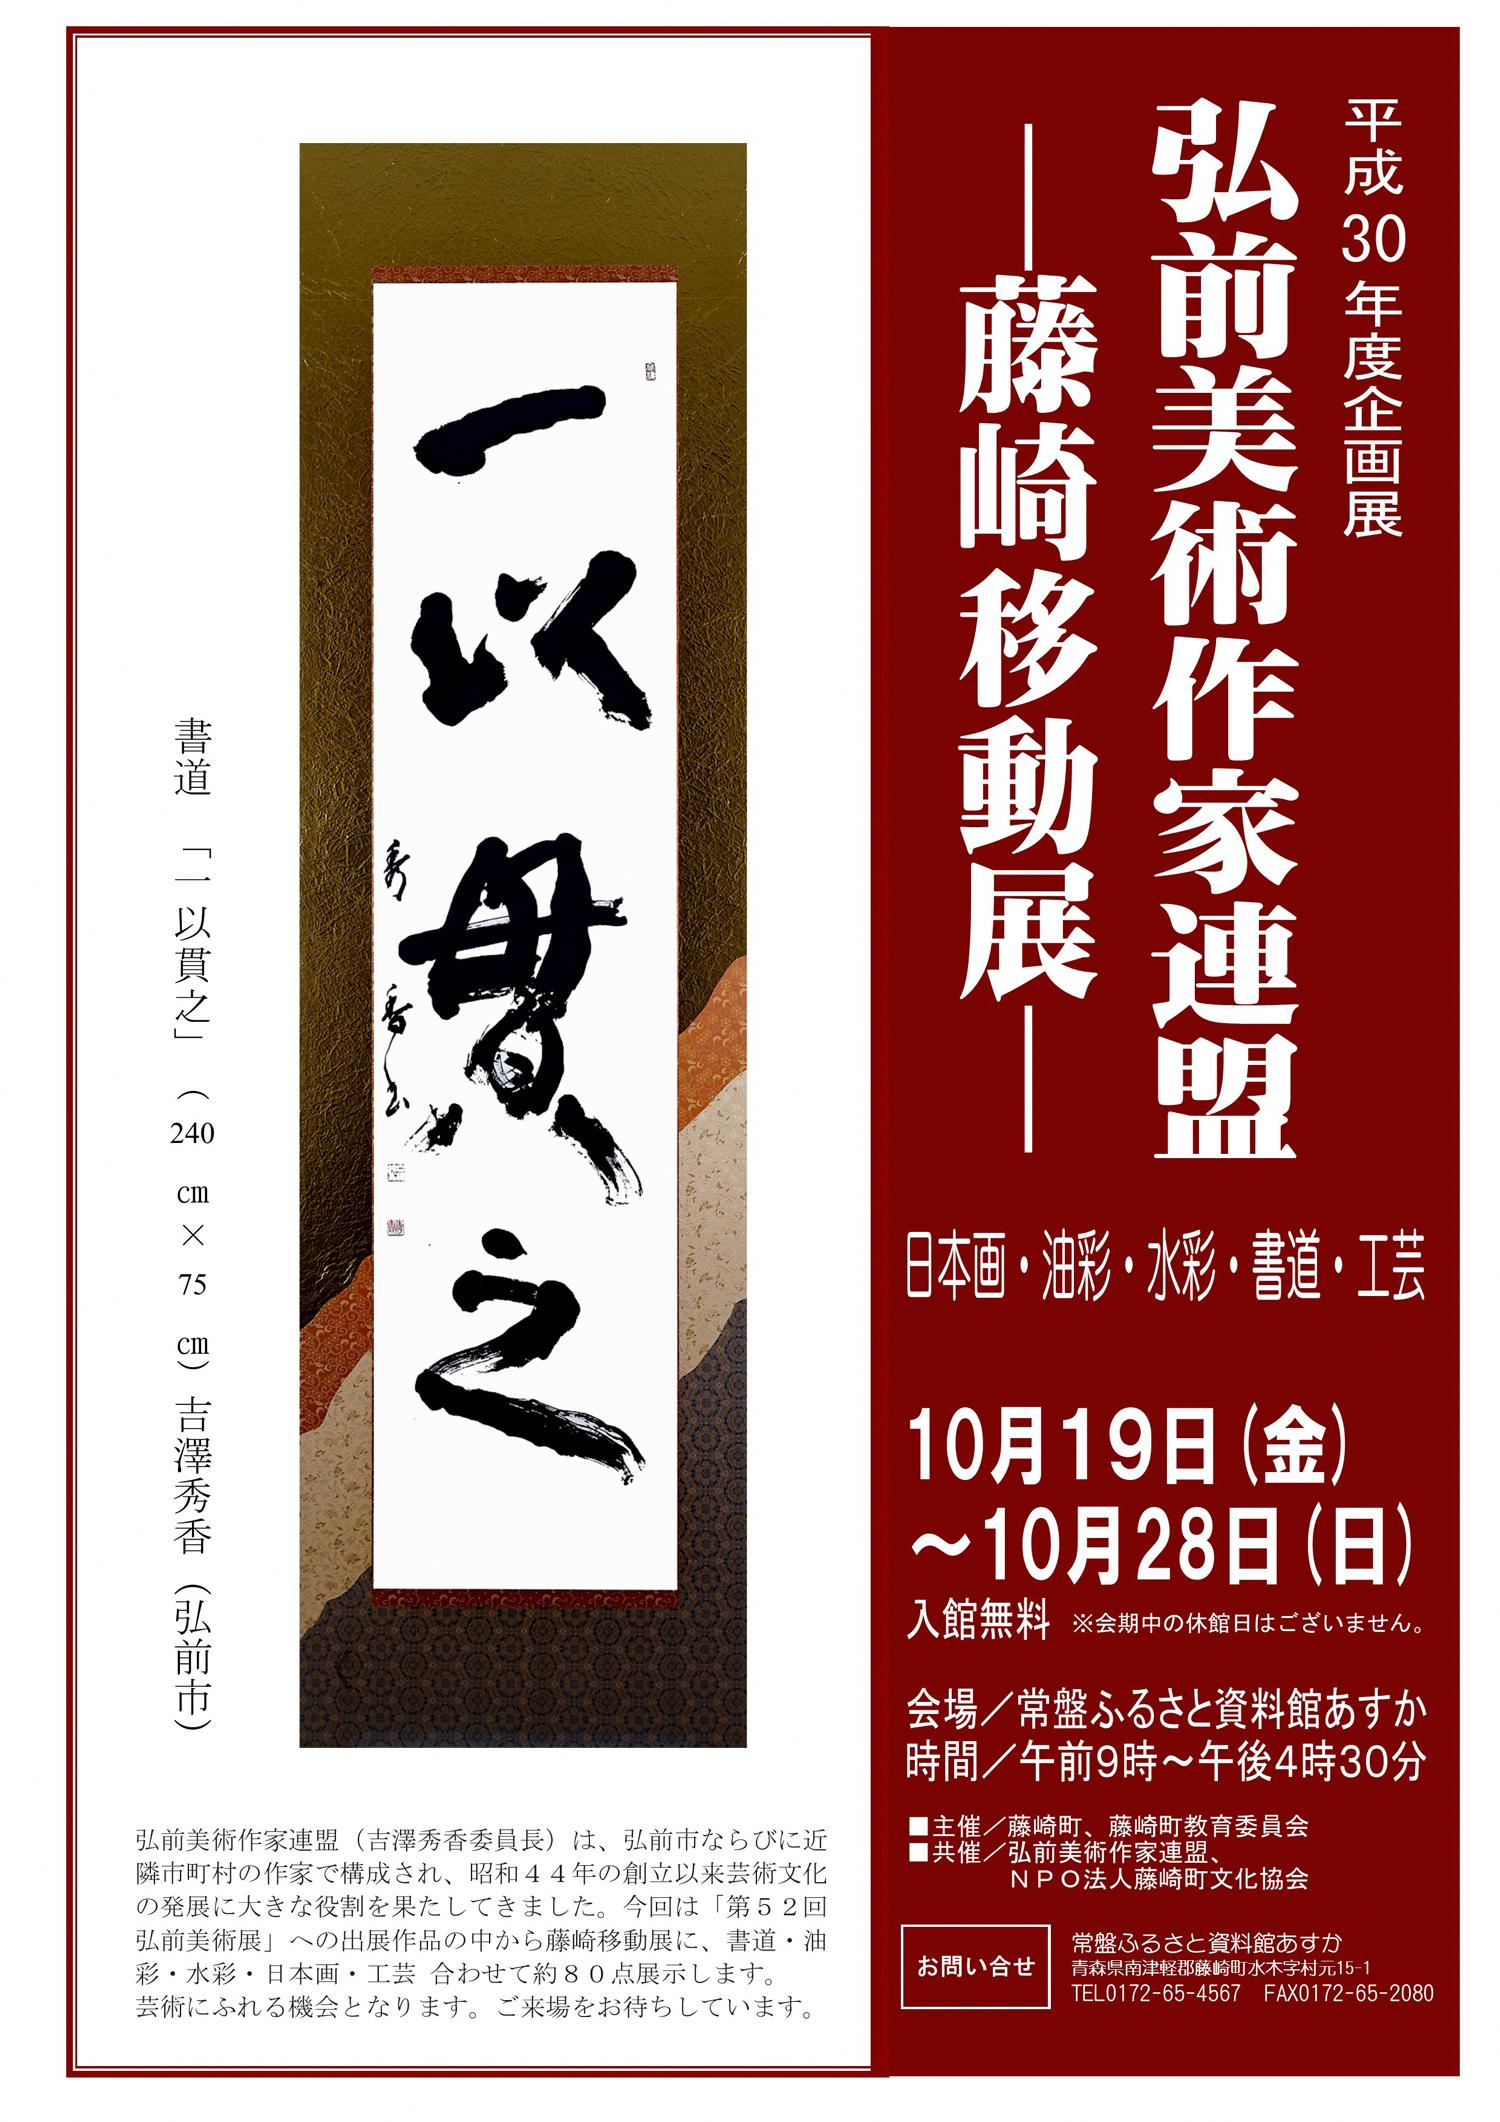 「弘前美術作家連盟-藤崎移動展-」